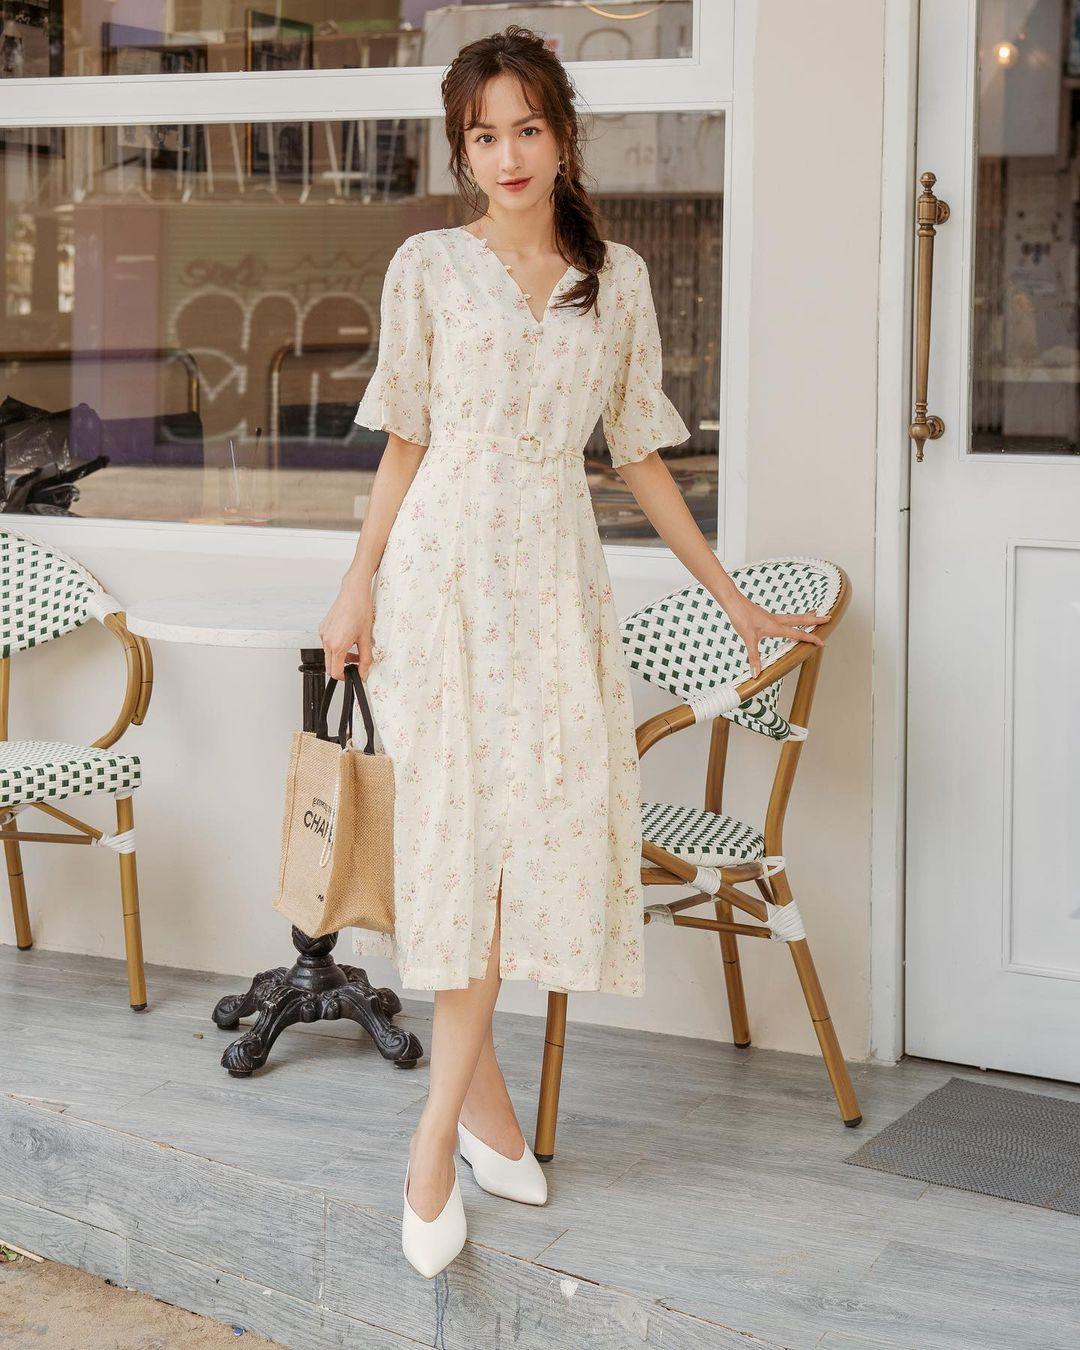 Đầu xuân Hòa Minzy mua váy hoa vintage, chị em muốn xinh như nàng thơ nên bắt chước - Ảnh 2.